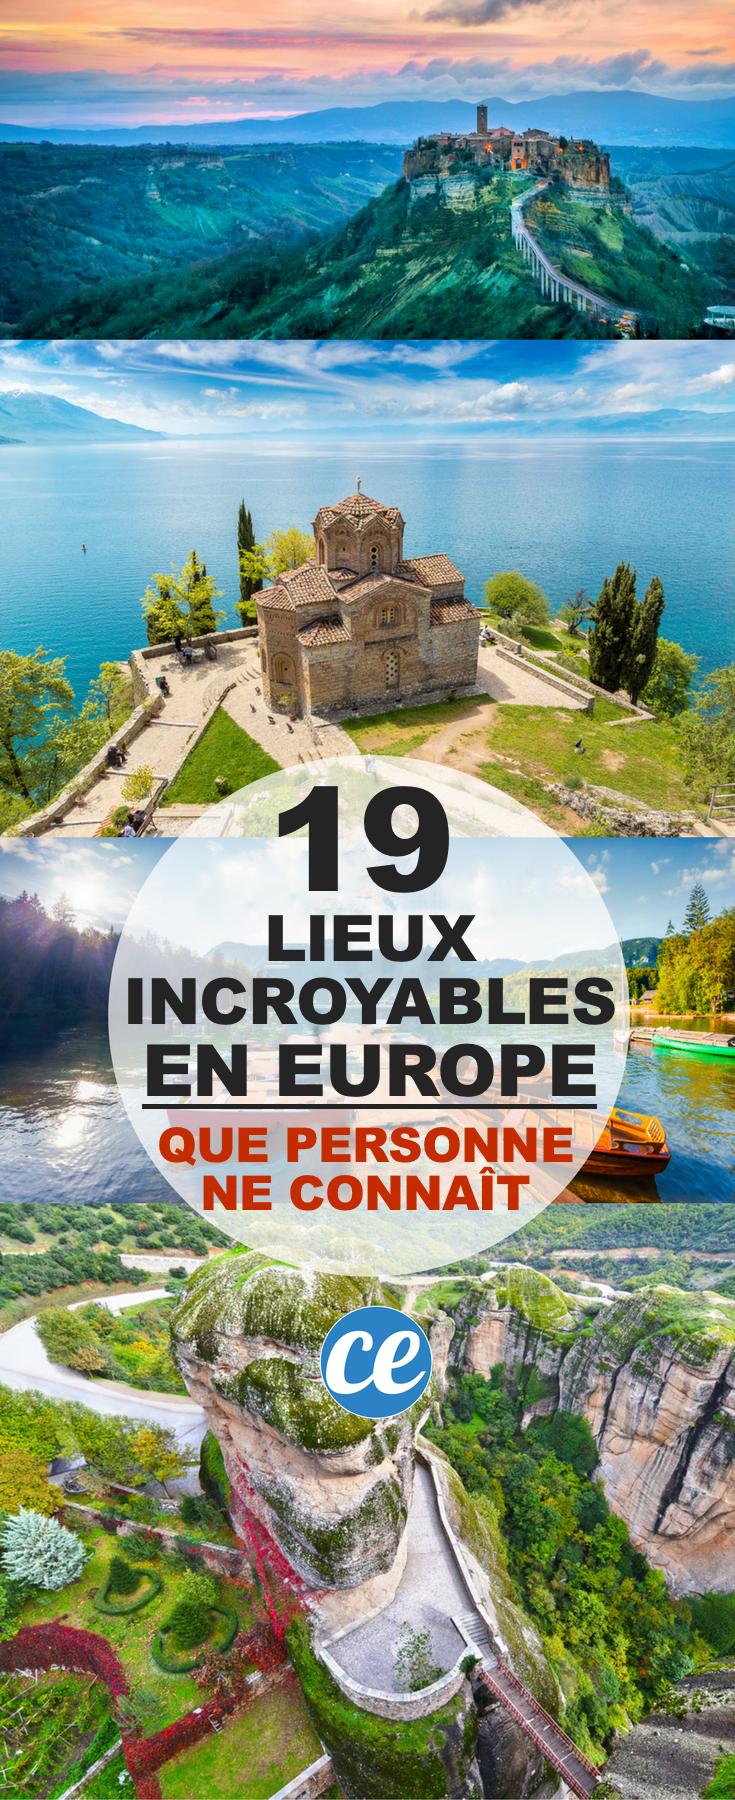 19 Lieux Incroyables En Europe Que PERSONNE Ne Connaît. - #¿Qué #19 #Connaît. #en #europe #incroyables: #Lieux #Ne #personne